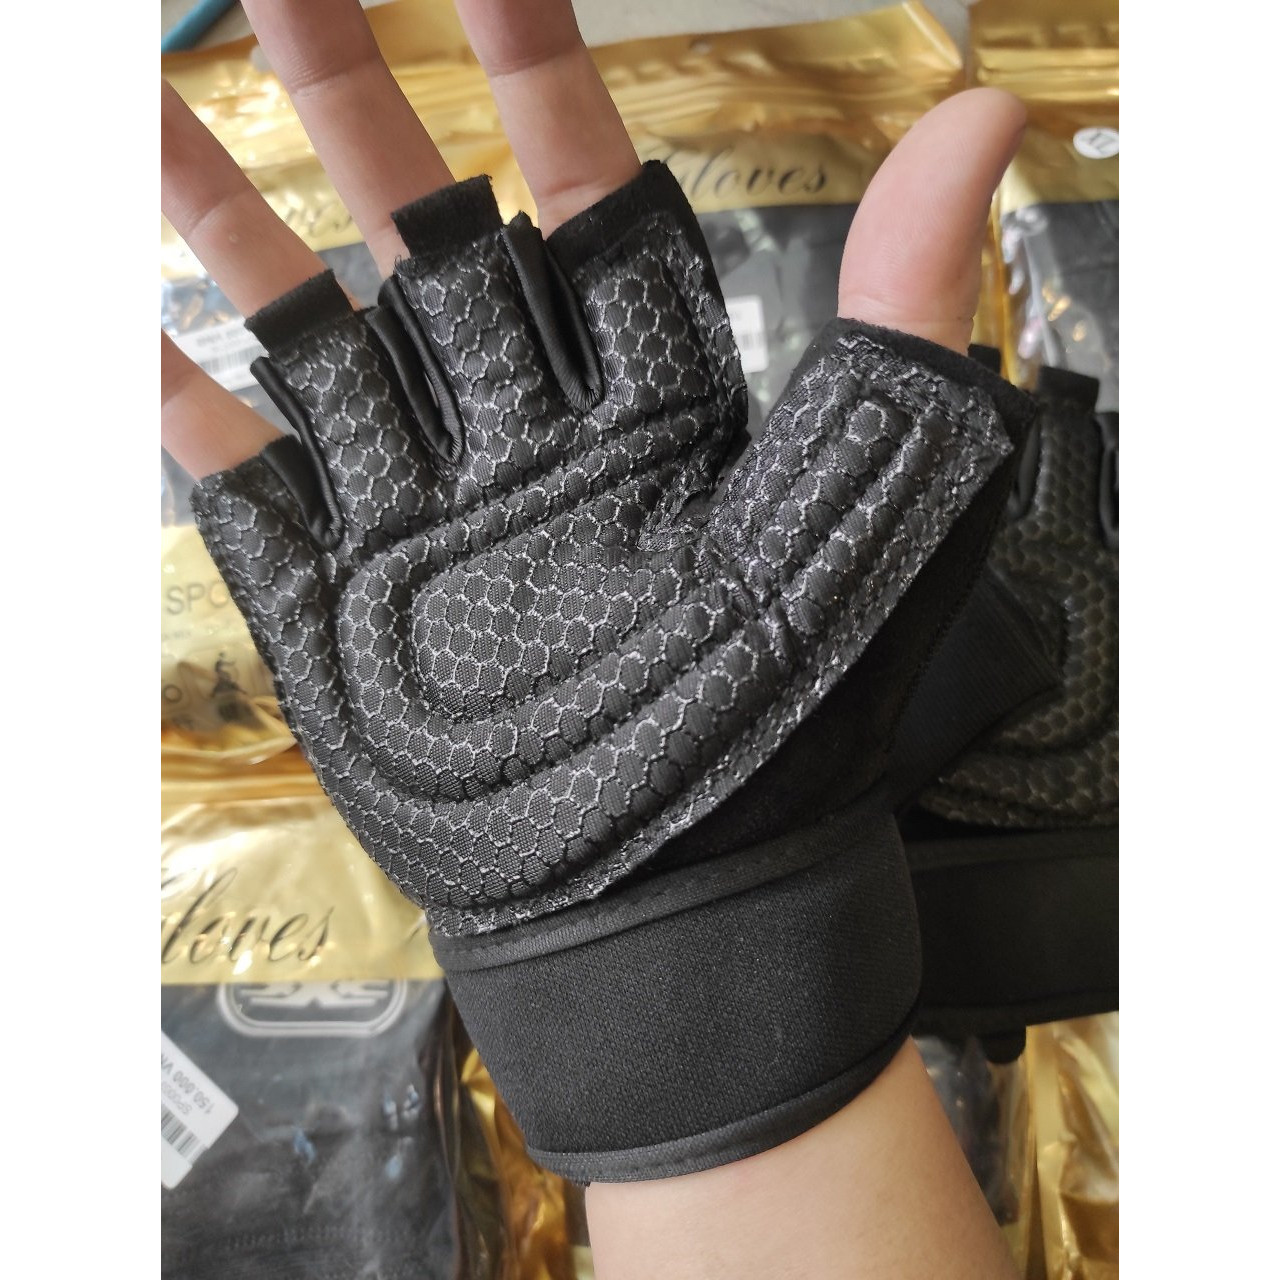 Găng tay Bao tay tập gym thể thao nam nữ, Găng tay nửa ngón Găng tay hở ngón có quấn mút đệm